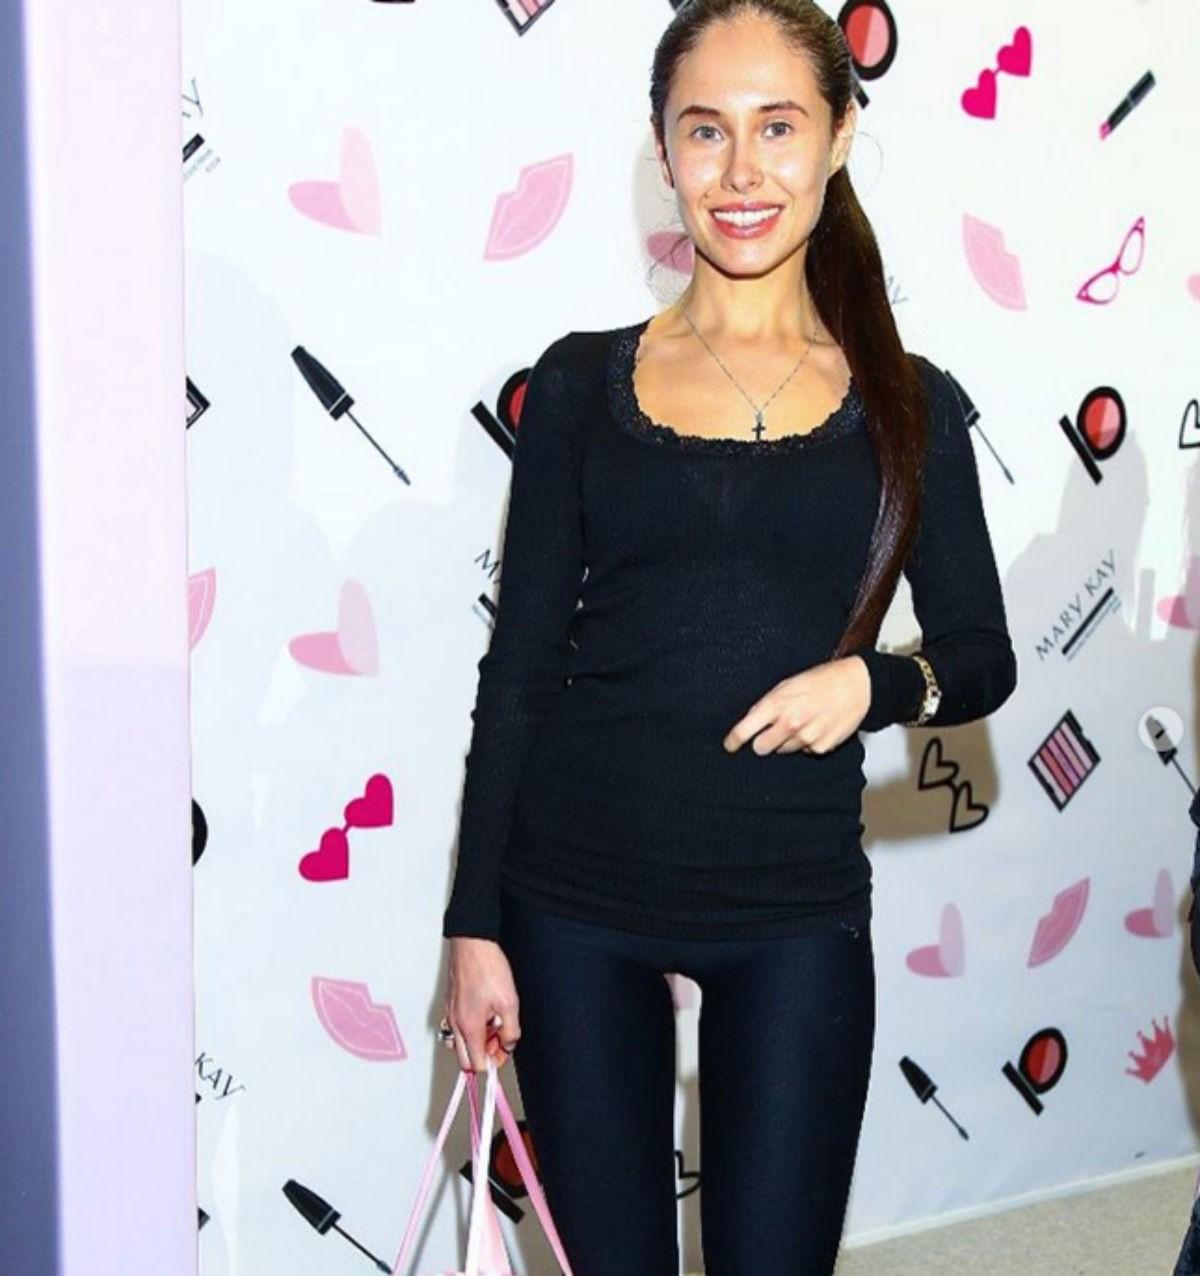 Недавно звезда шоу «Уральские пельмени» Илана Юрьева похвасталась, что ей удалось похудеть на 10 килограммов.